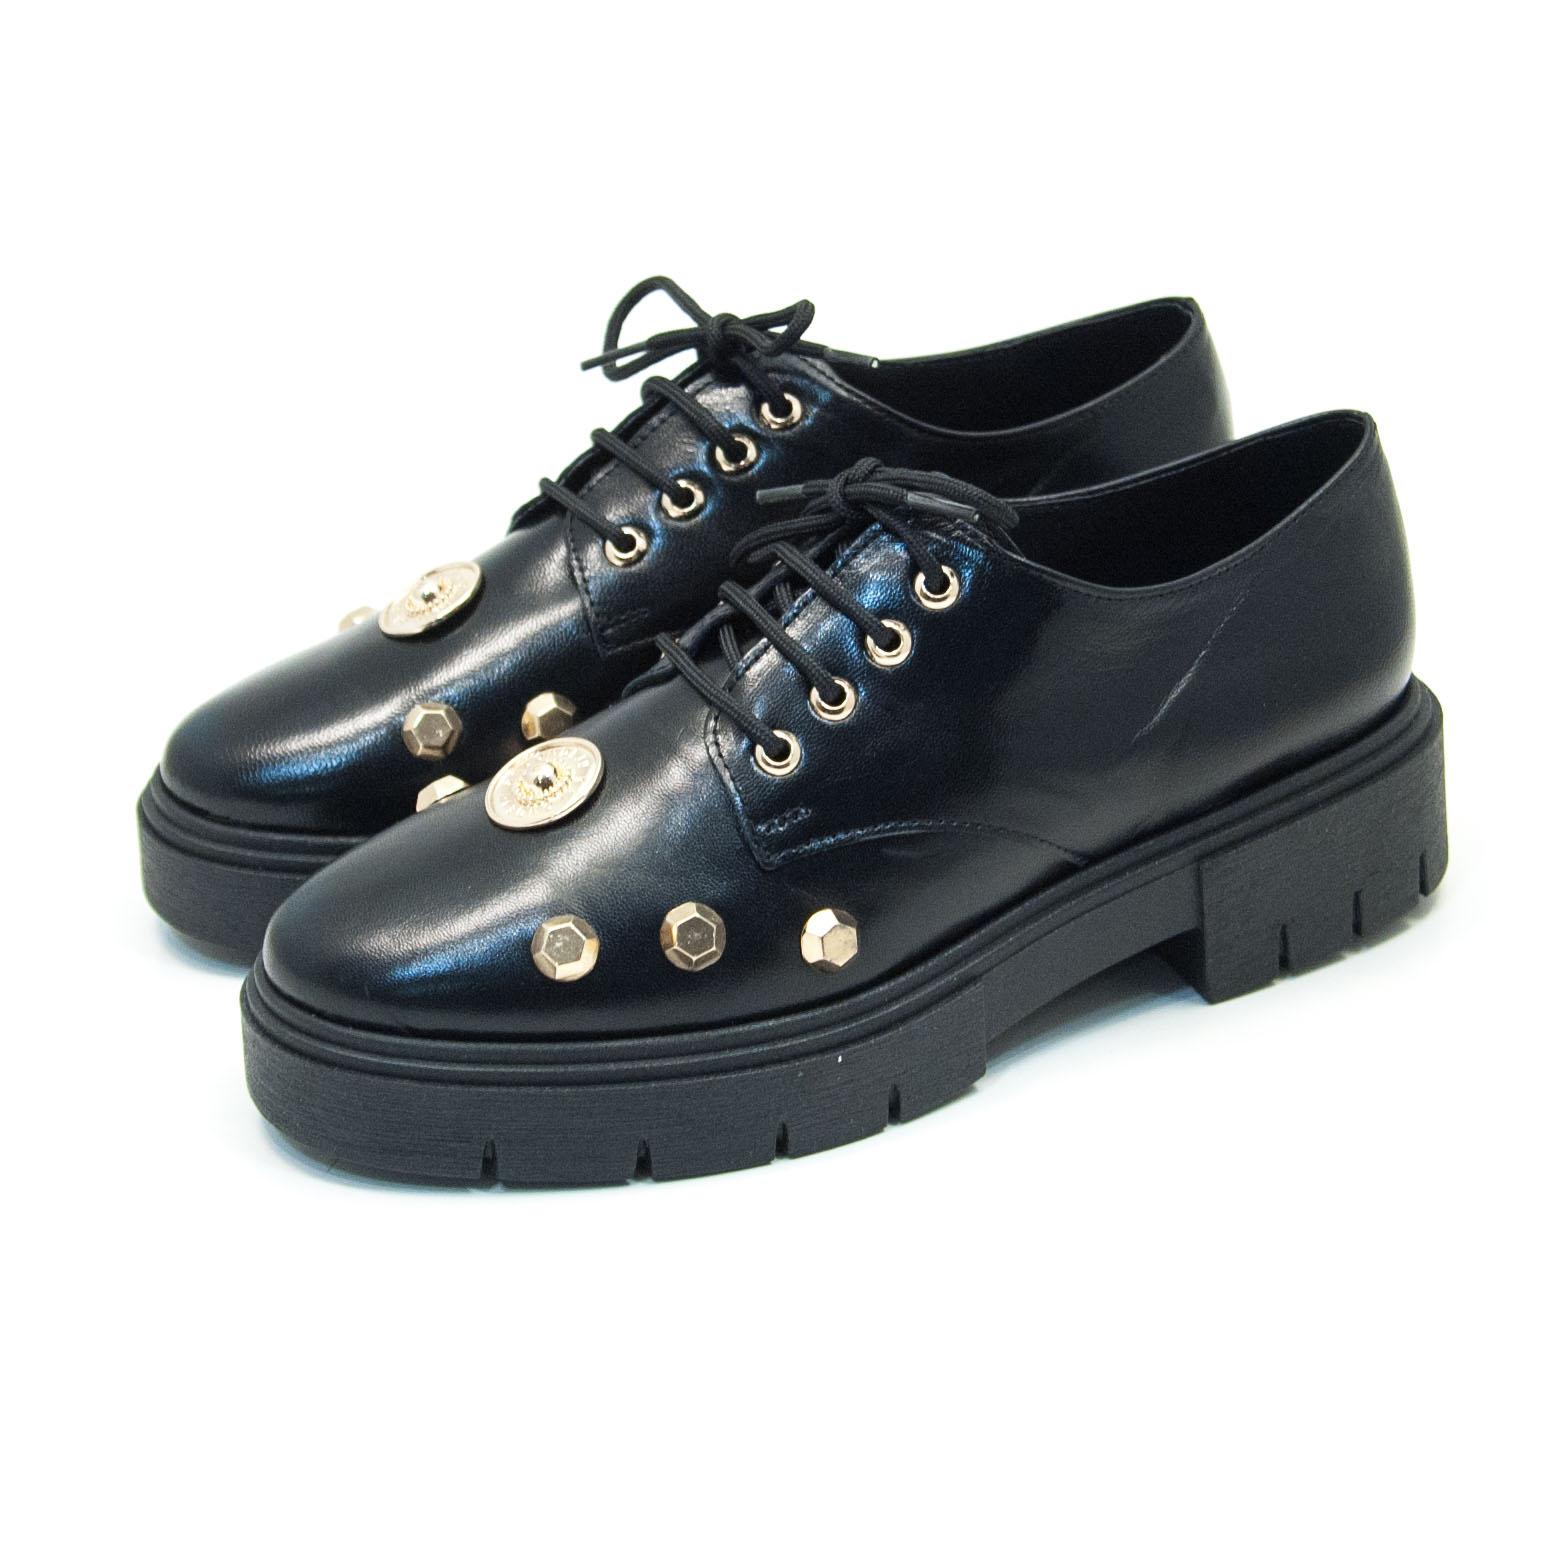 Γυναικείο παπούτσι WALL STREET 15620814